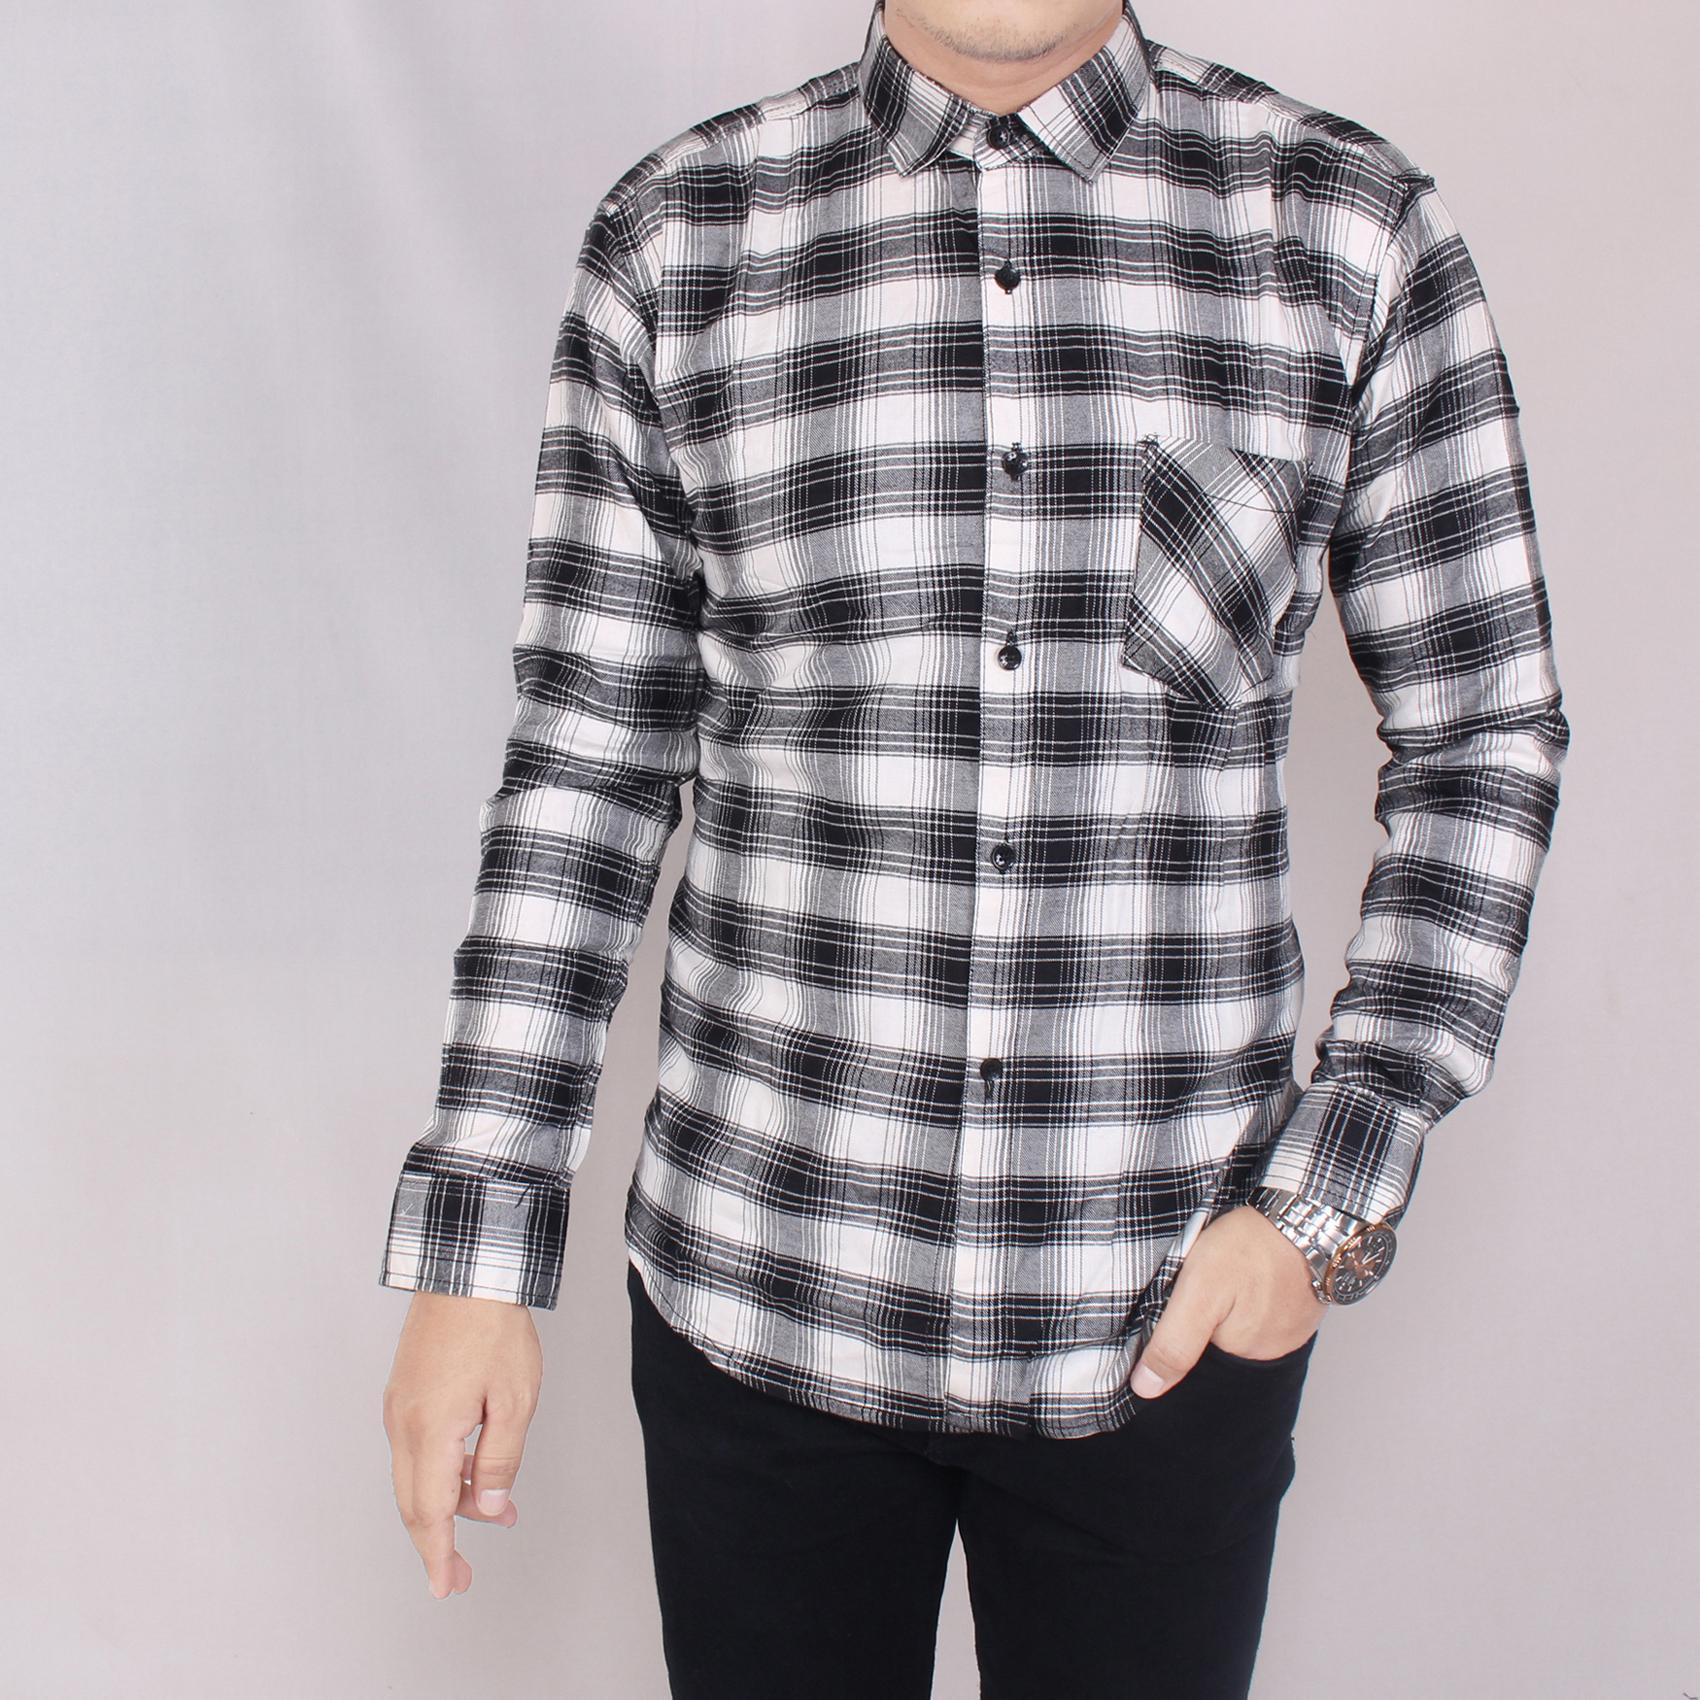 Zoeystore 5710 Kemeja Flanel Pria Lengan Pendek Exclusive Baju Kemeja Flannel Cowok Kerja Kantoran Formal Kemeja Distro Hitam Kotak Putih